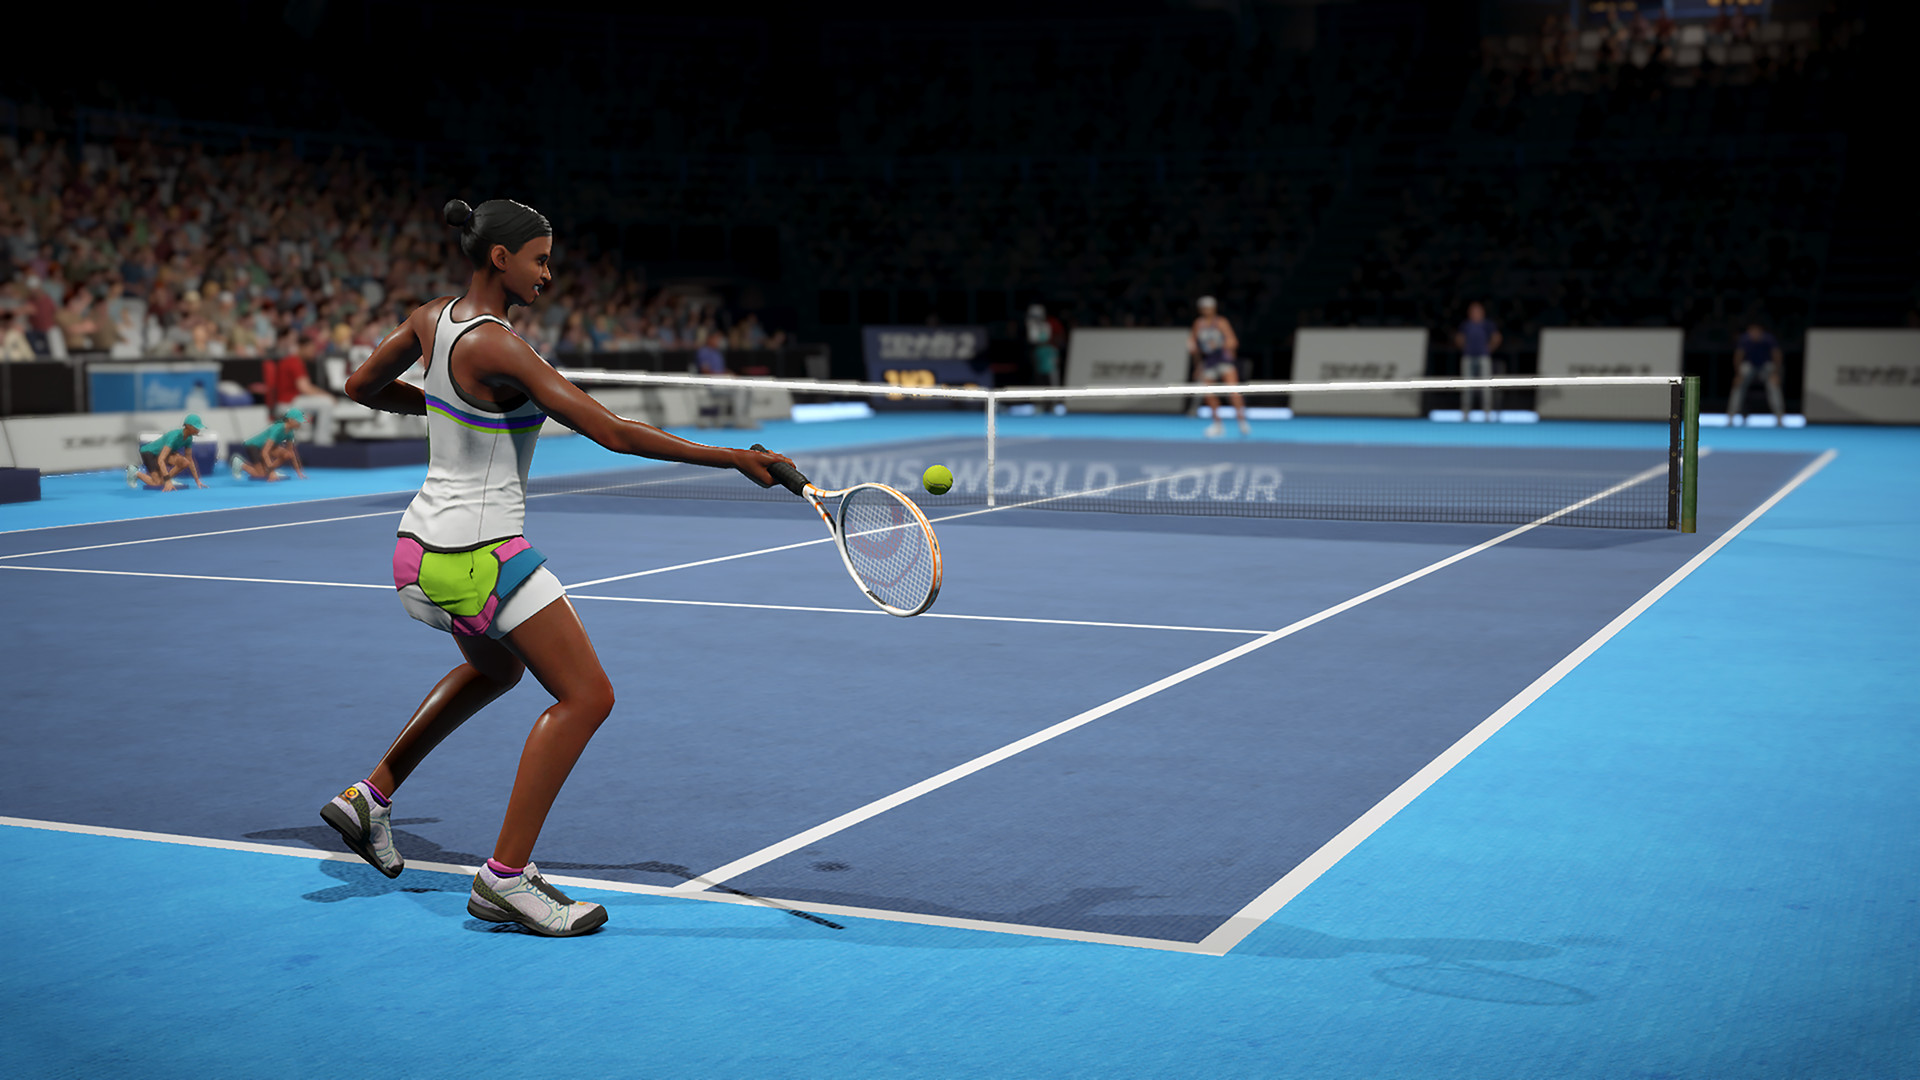 《网球世界巡回赛2》上市 扮演世界顶尖球员